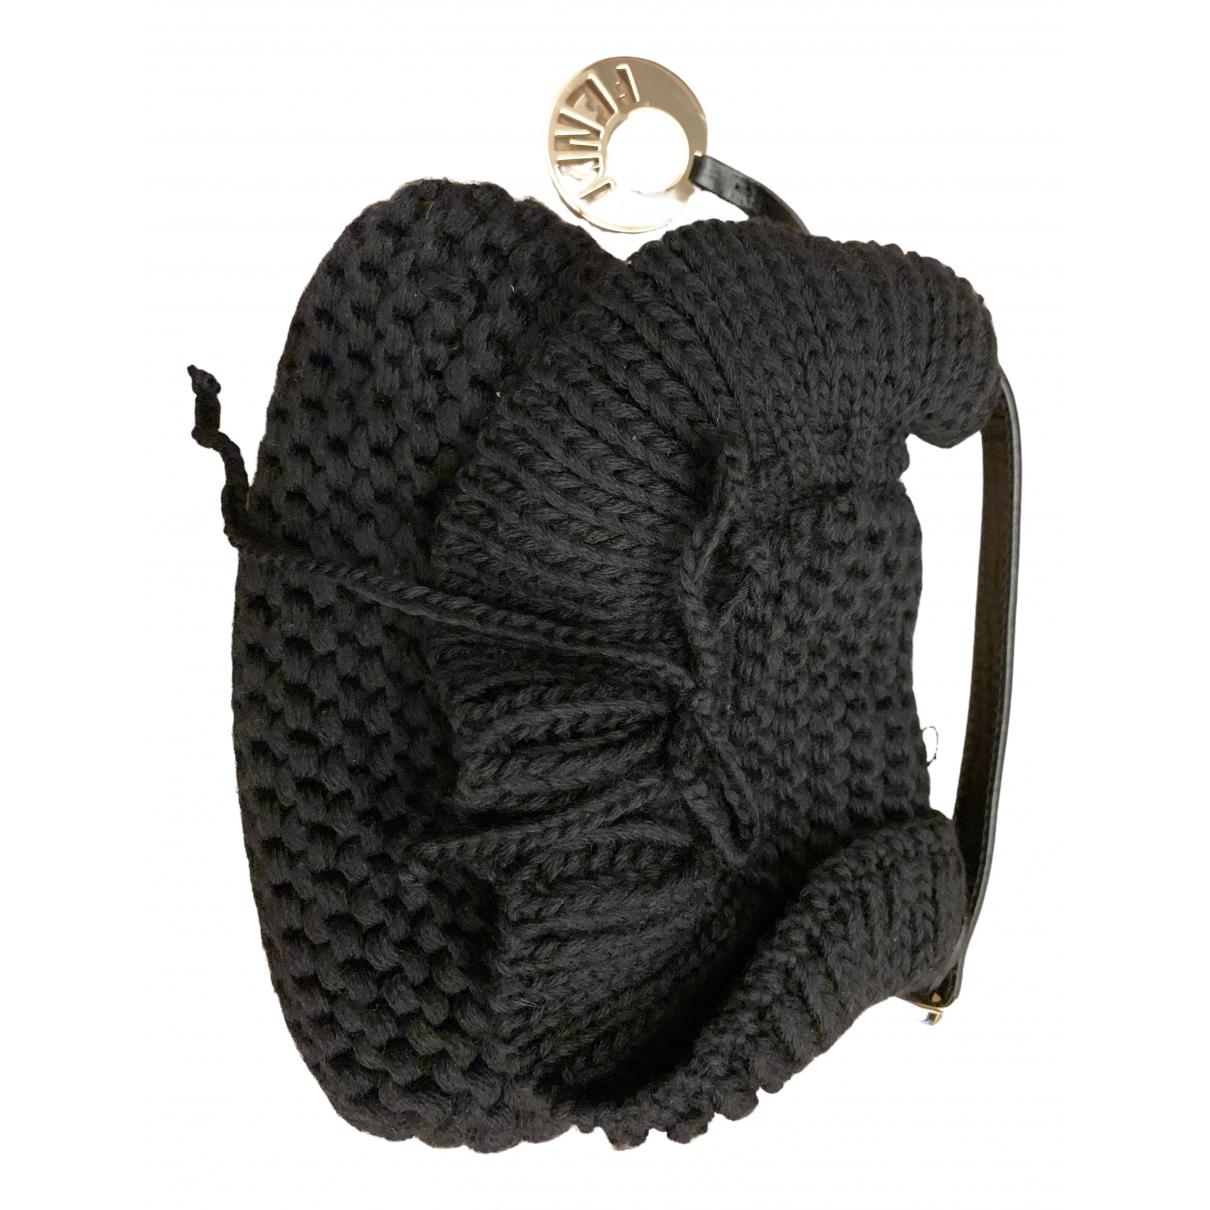 Fendi \N Black Wool handbag for Women \N